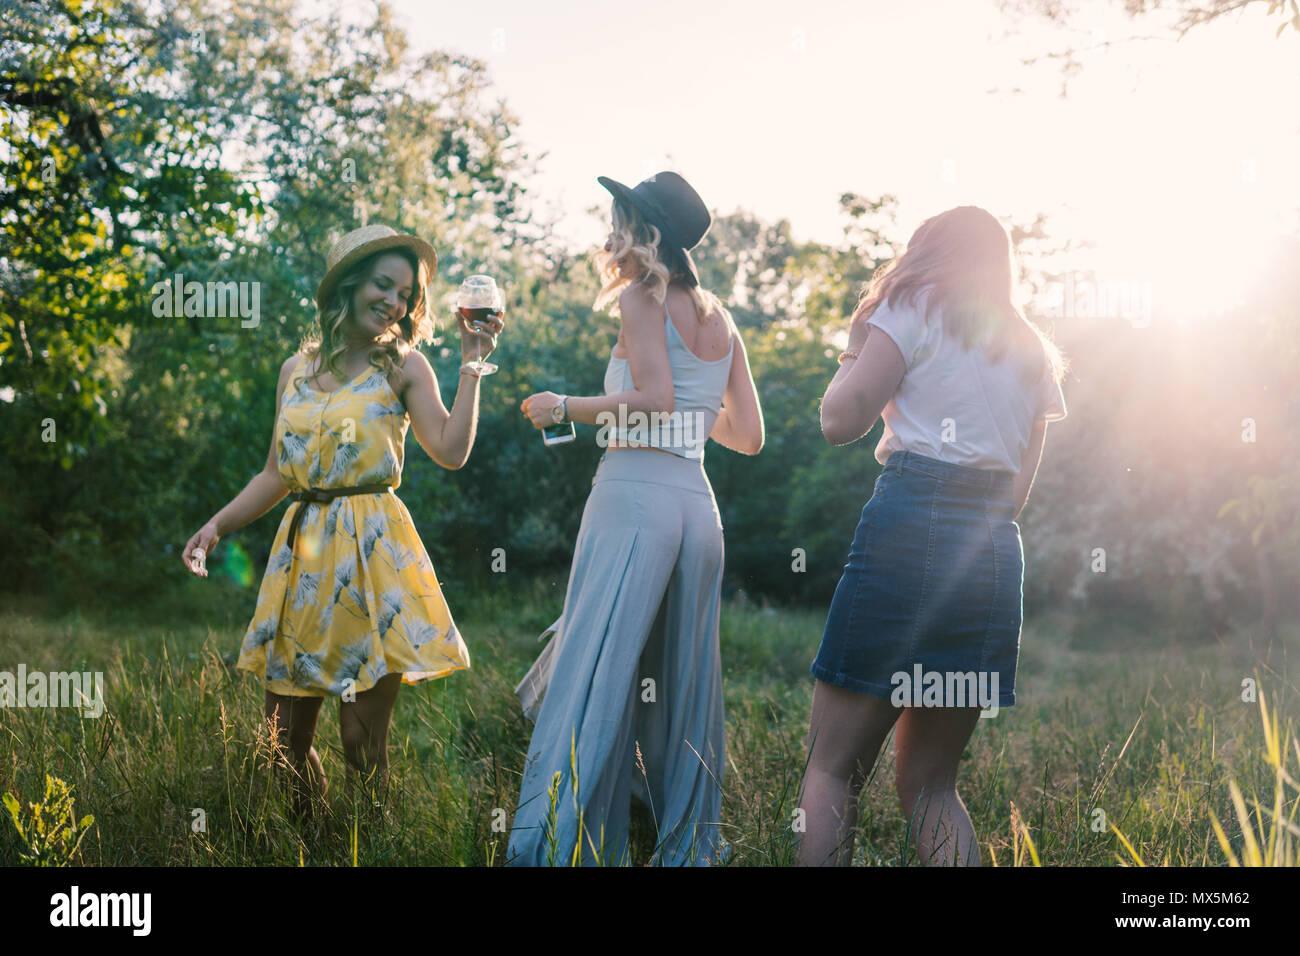 Un gruppo di ragazze amici facendo picnic all'aperto. Essi hanno divertimento Immagini Stock